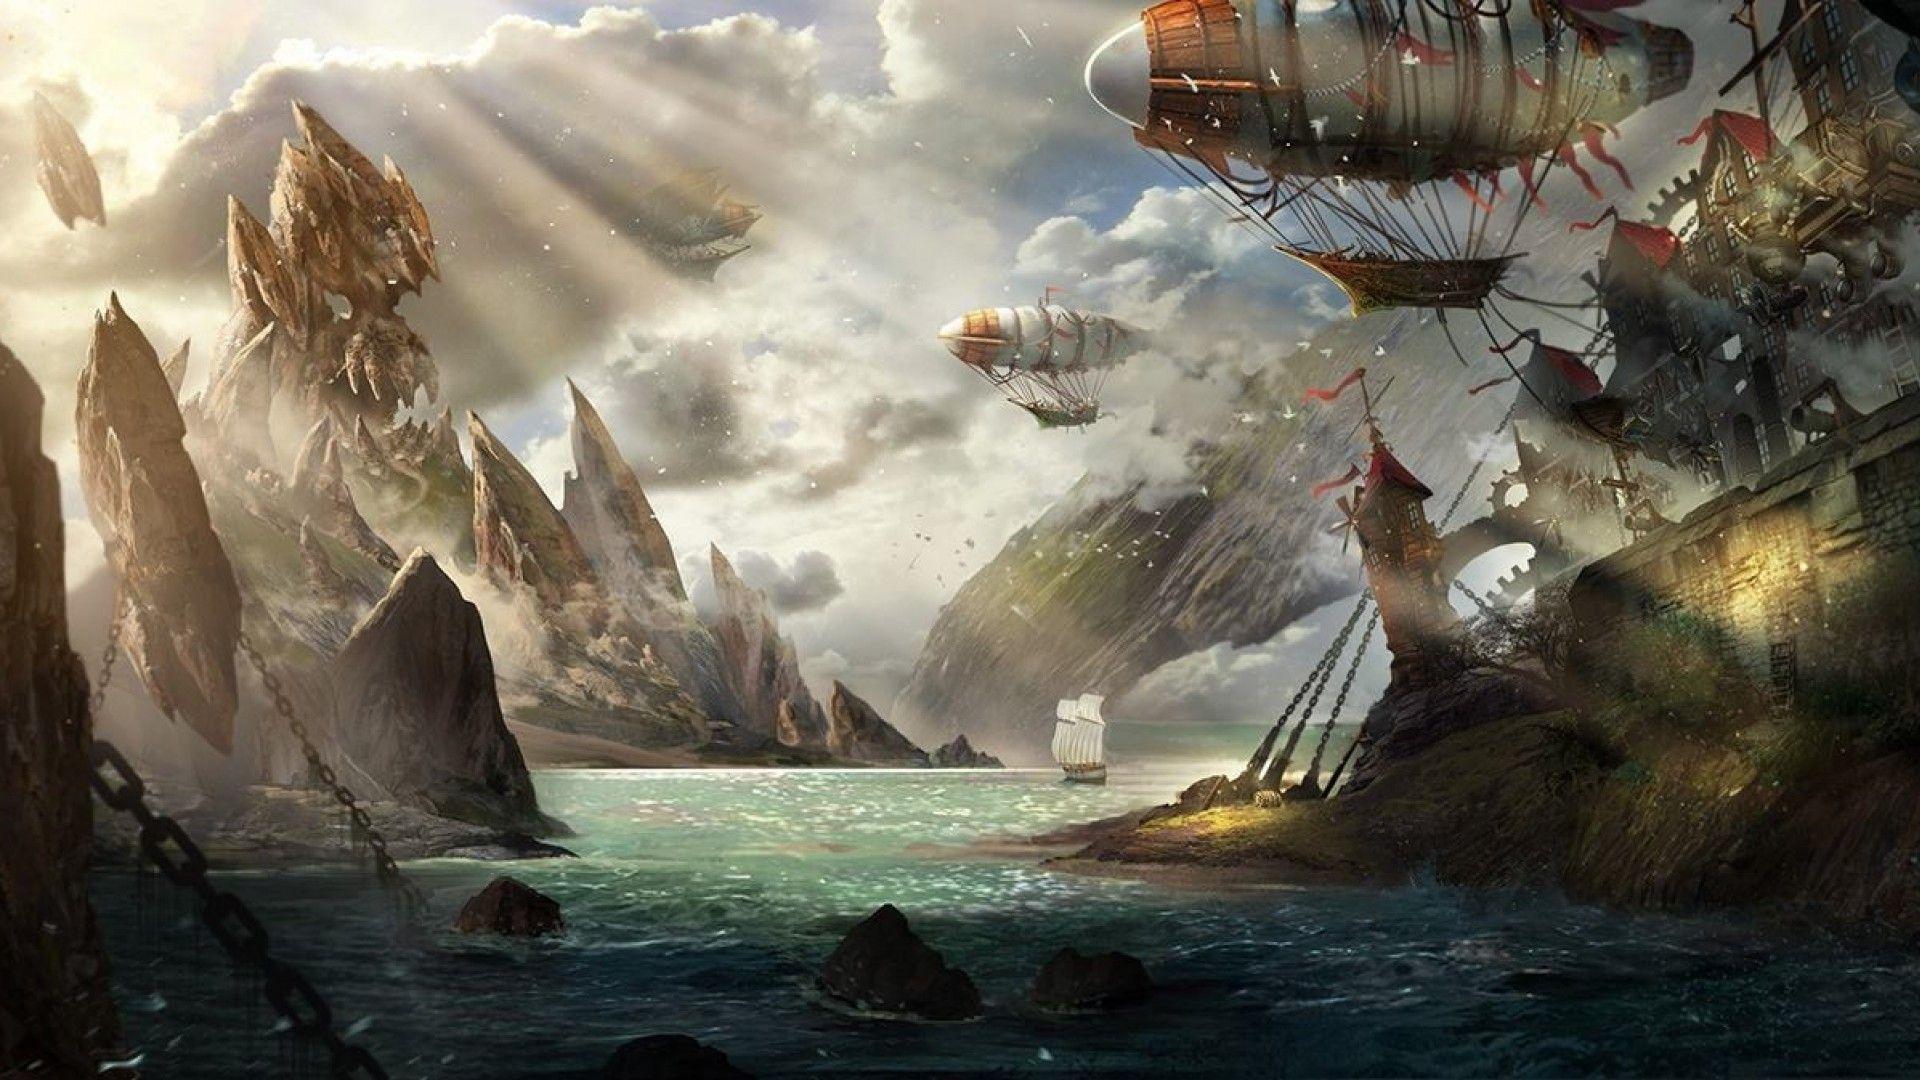 Steampunk Art Wallpaper